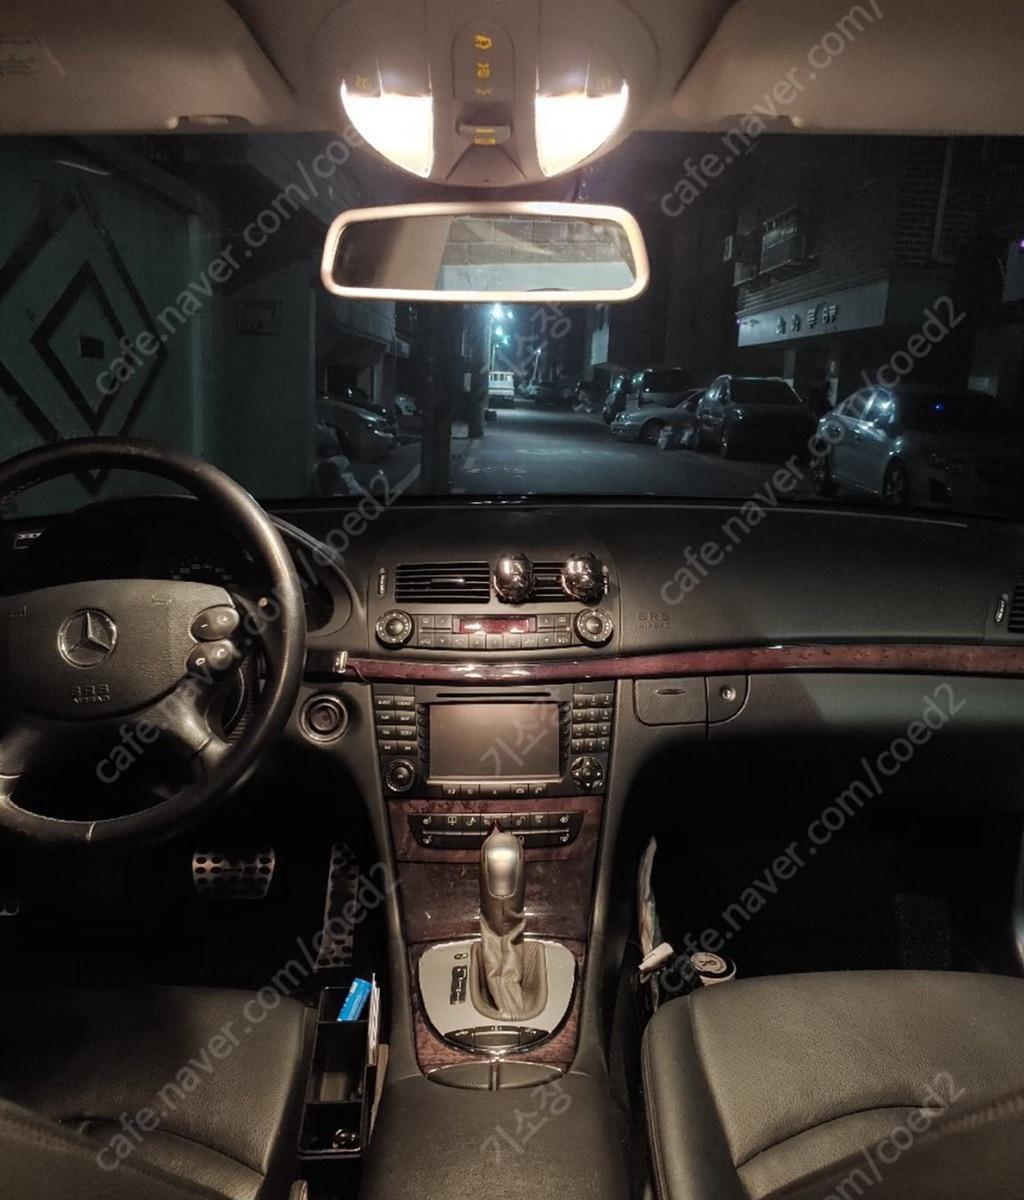 벤츠w211 e220cdi 2008년식 후기형 amg바디킷 판매 및 대차 - 3